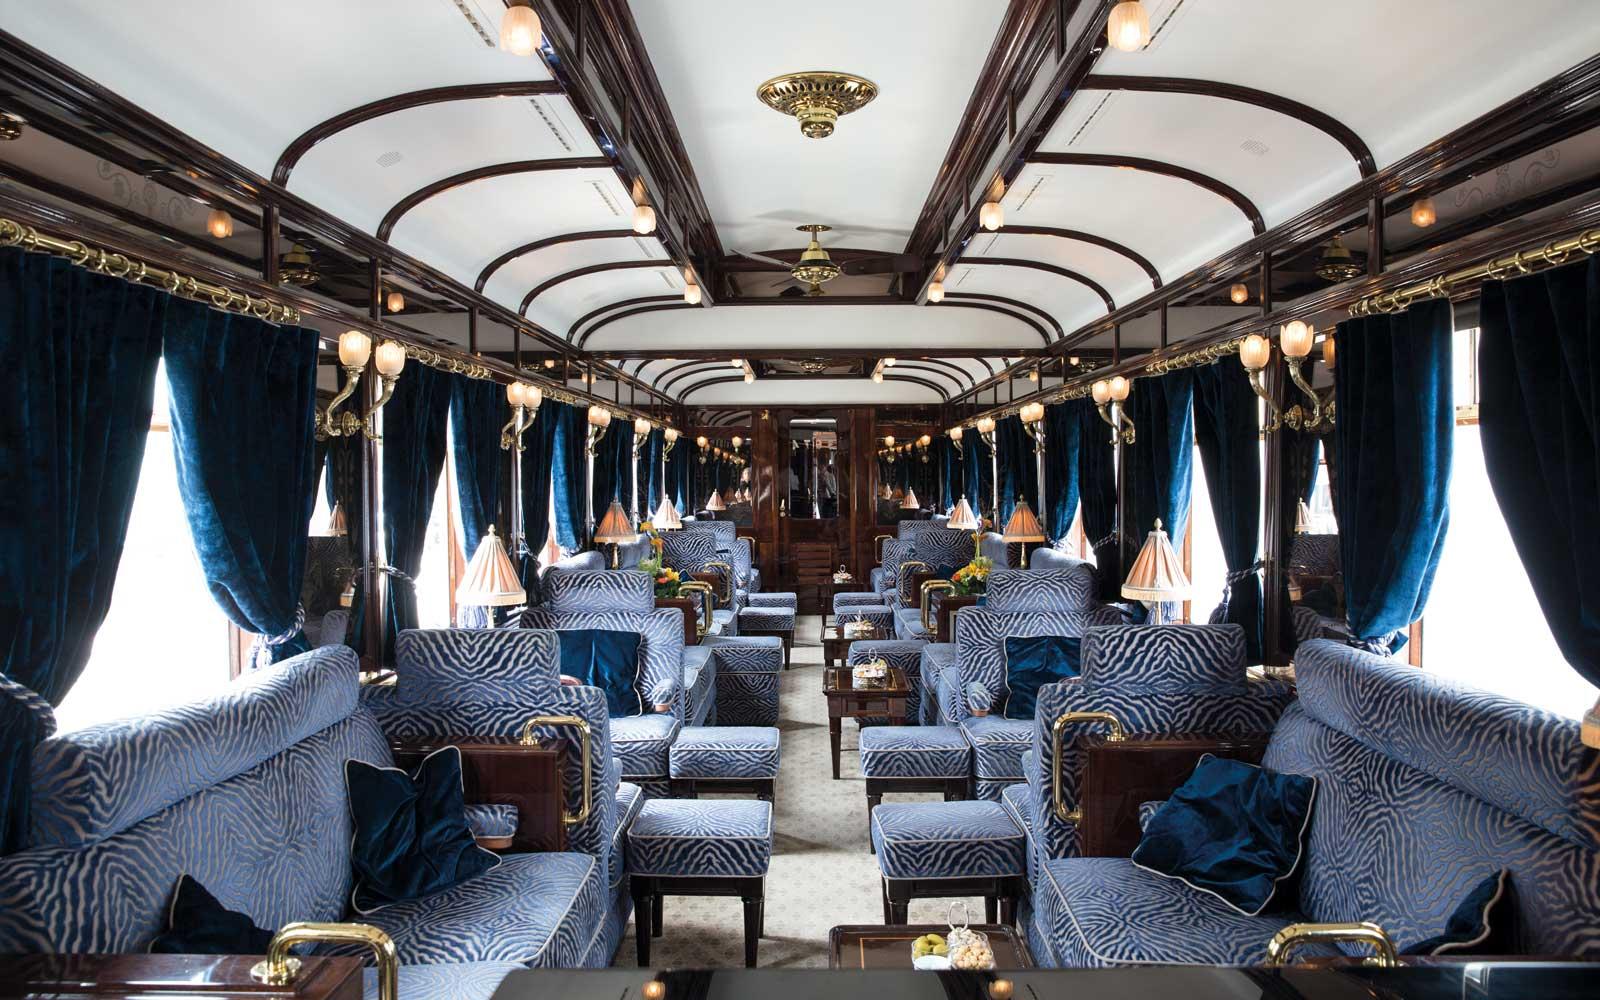 Viagem no trem de luxo Orient-Express: o vagão-bar com decoração art déco